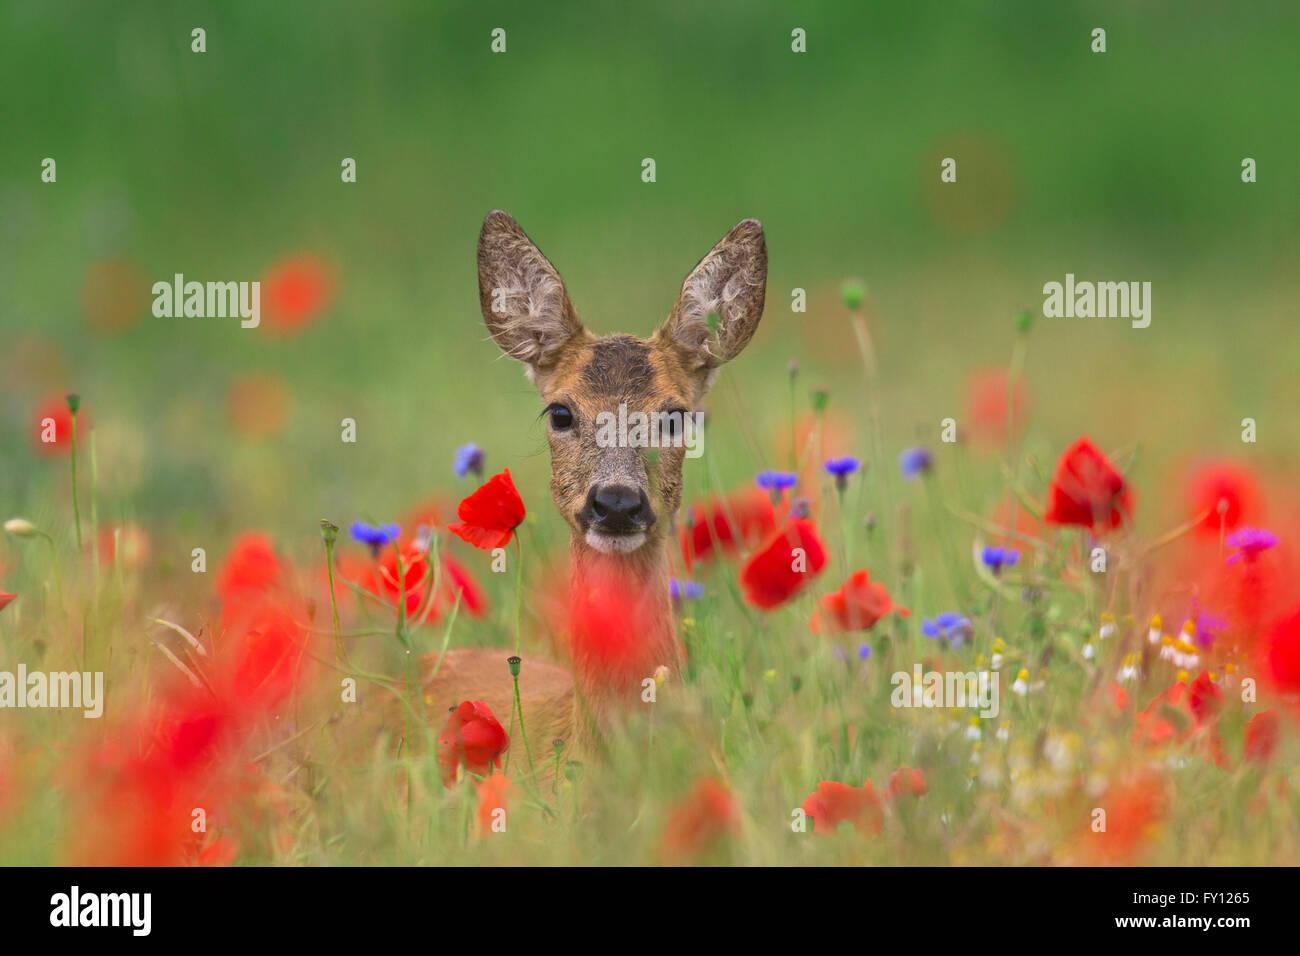 Roe deer (Capreolus capreolus) doe foraging in meadow with red poppies in flower in spring / summer - Stock Image